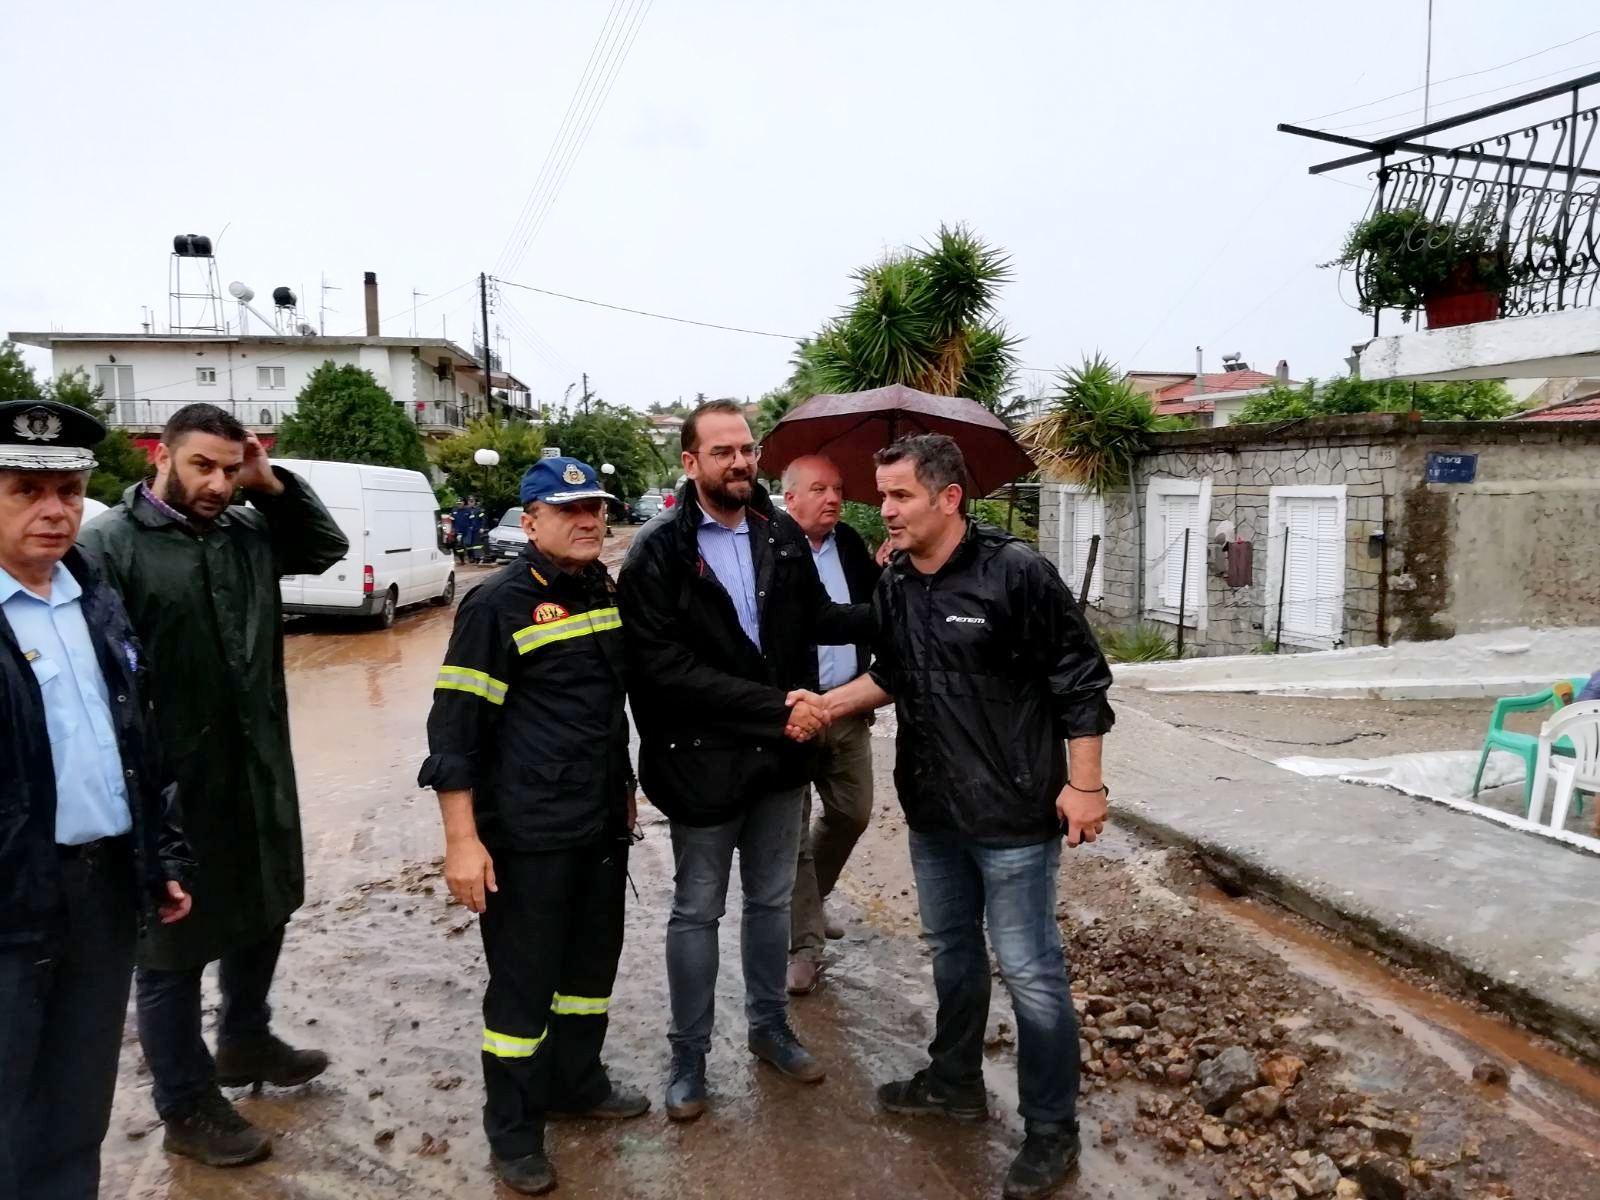 Ο Περιφερειάρχης Δυτ. Ελλάδας σε πληγείσες περιοχές της Αιτωλ/νίας - Ν. Φαρμάκης: «Είμαστε απέναντι σε δύο μέτωπα: Στην κλιματική αλλαγή και στο έλλειμμα υποδομών πολλών ετών»